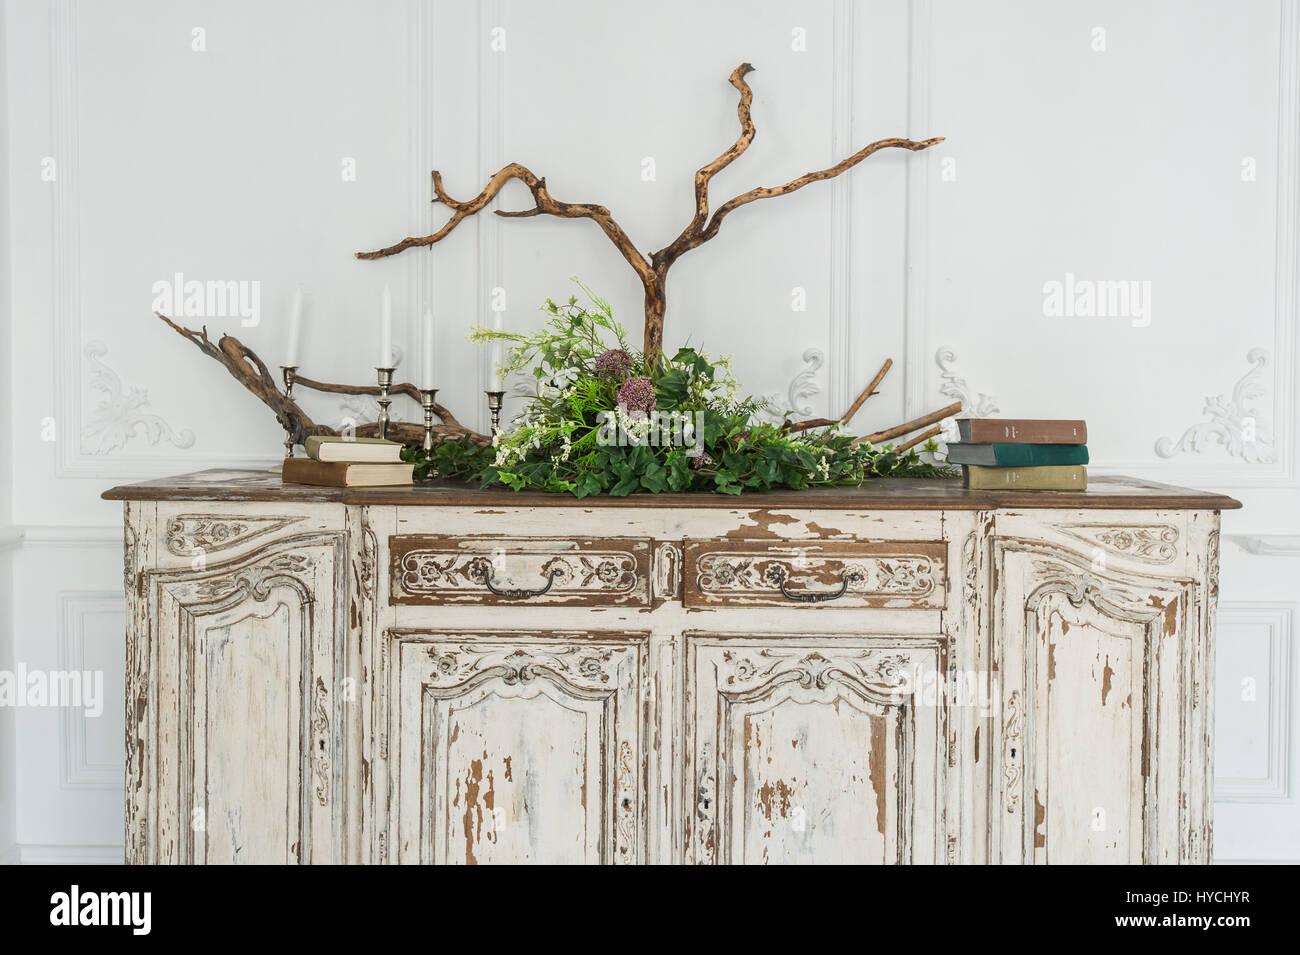 Weisse Alte Vintage Kommode Mit Pflanzen Und Handgefertigte Wolle